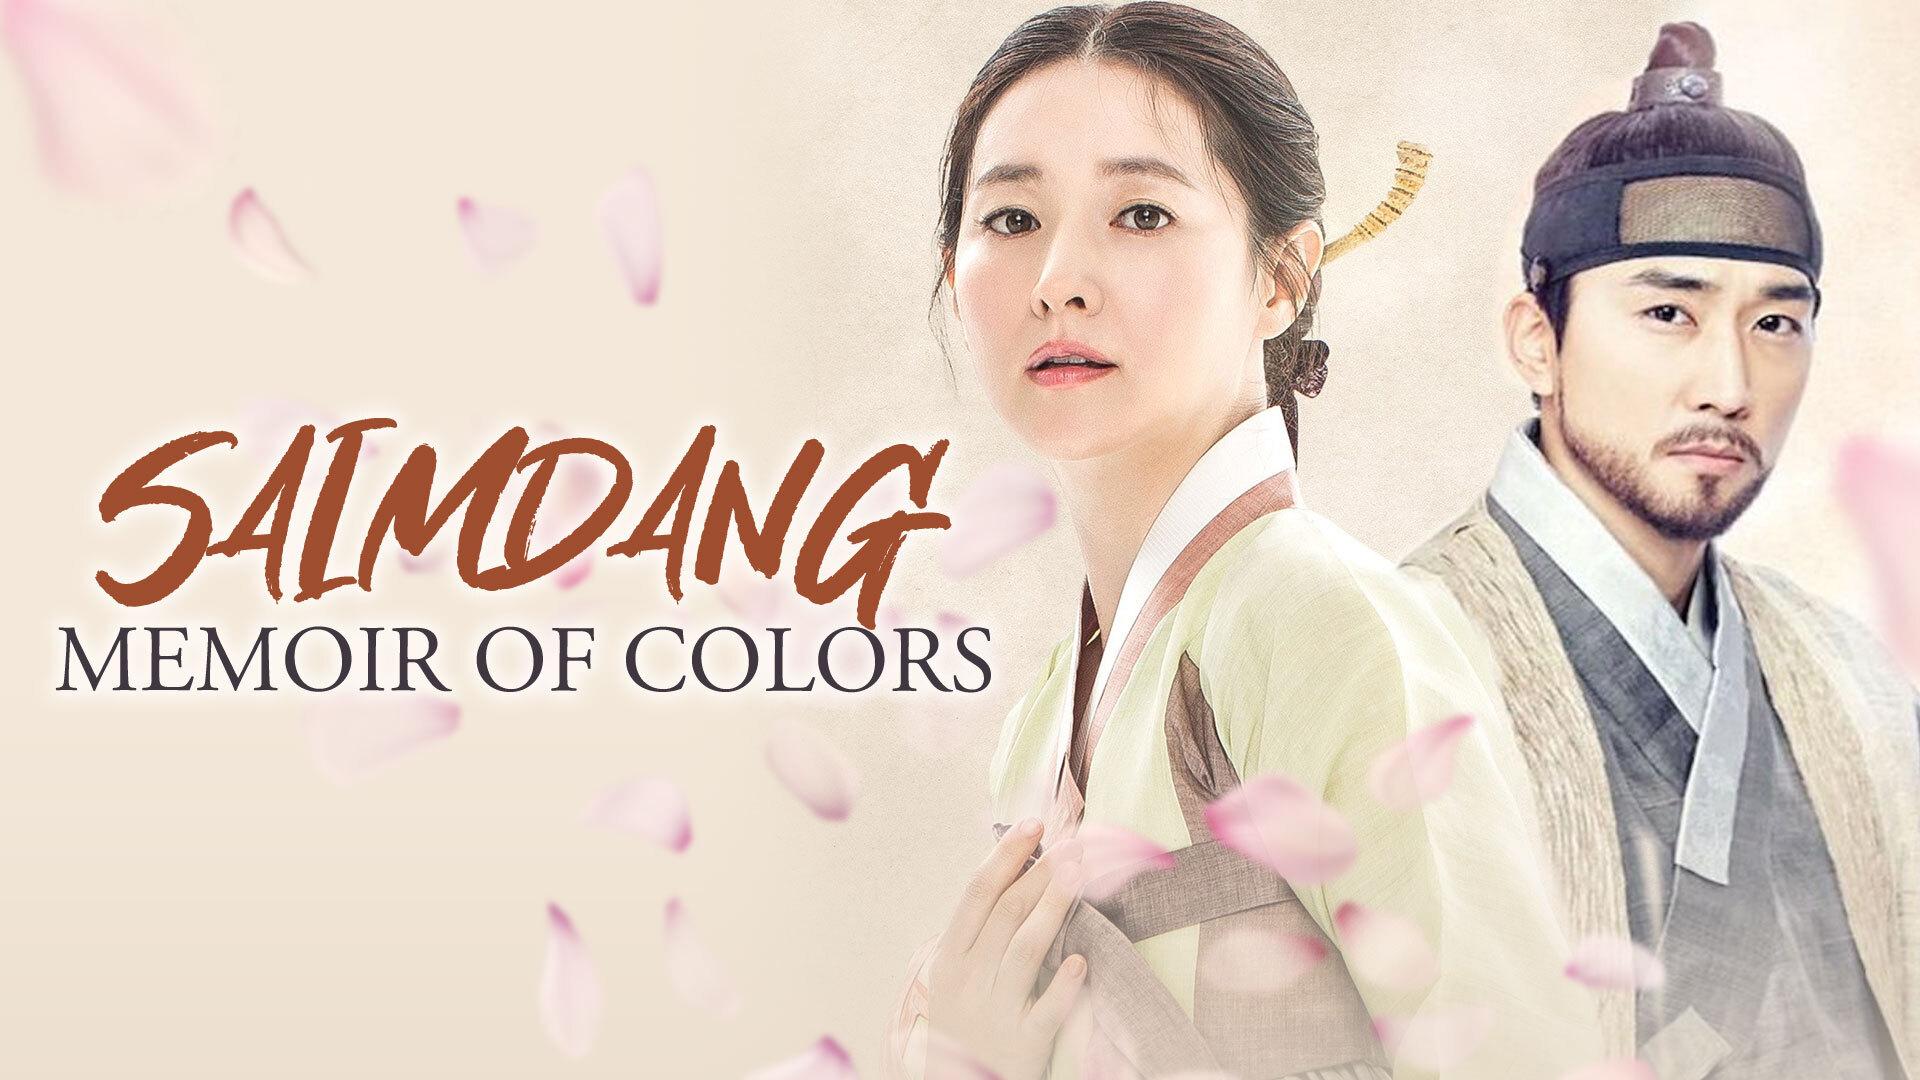 Saimdang: Memoir of Colors